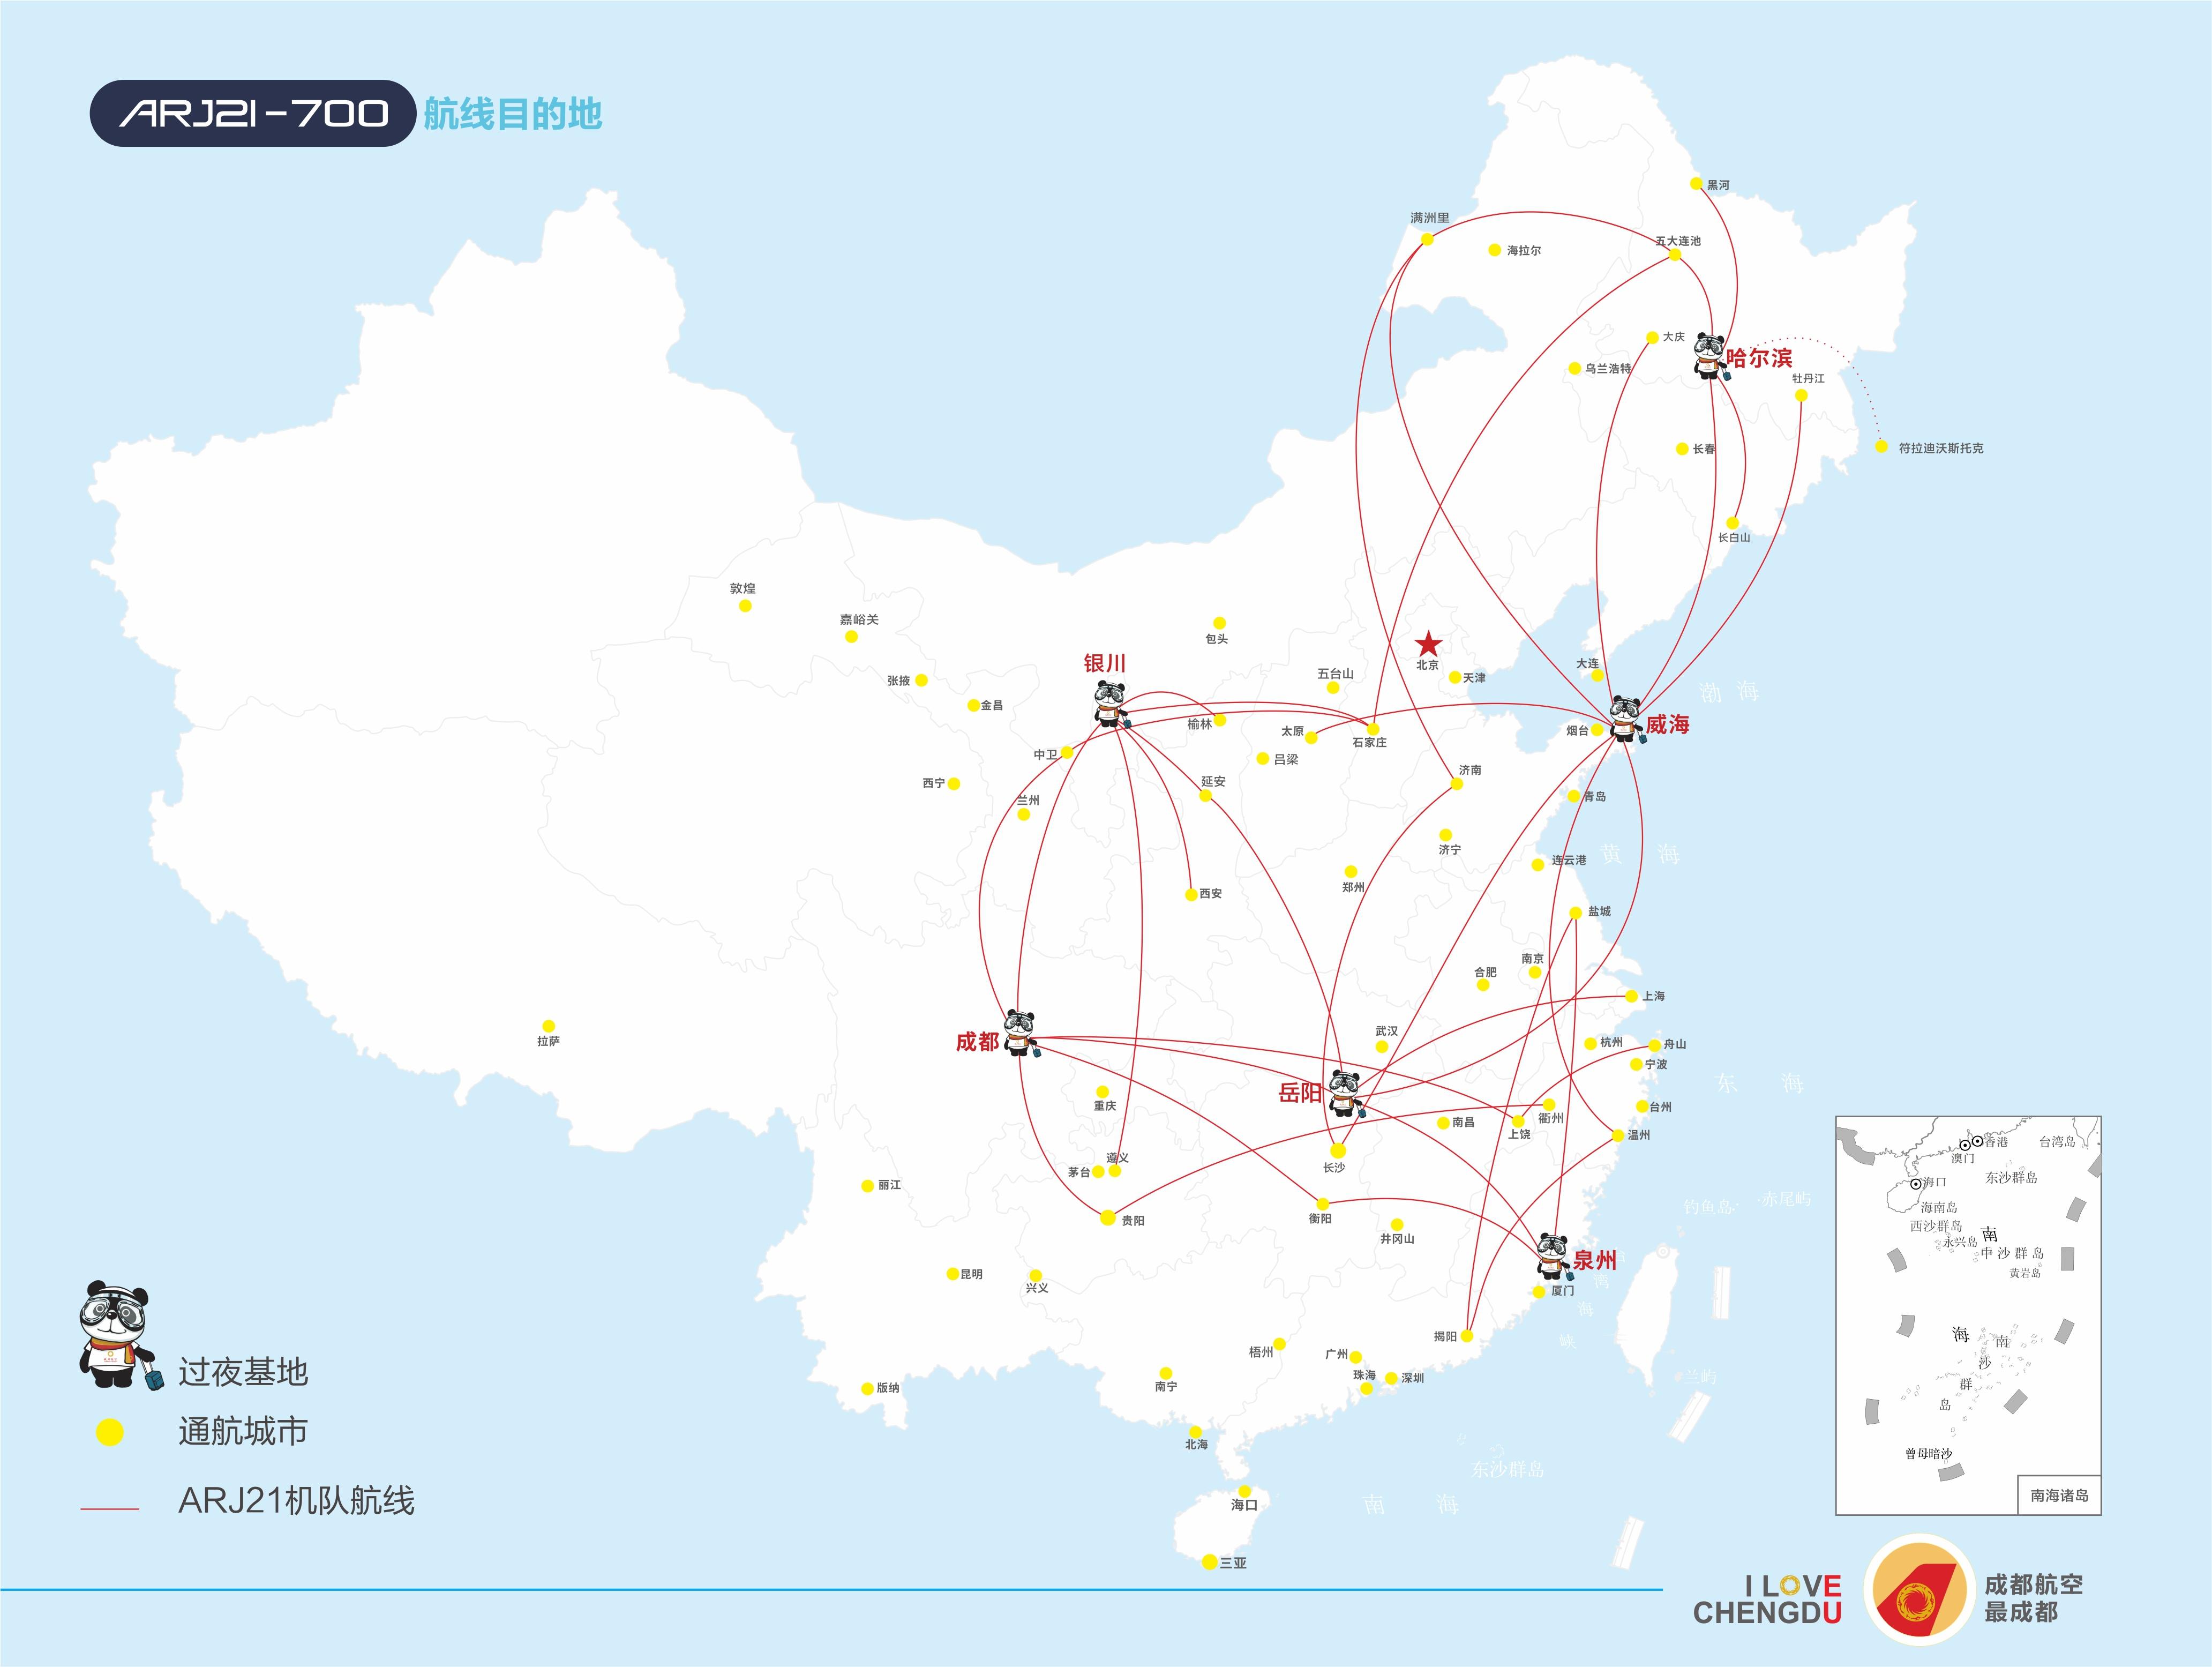 成都航空ARJ21航线网络图